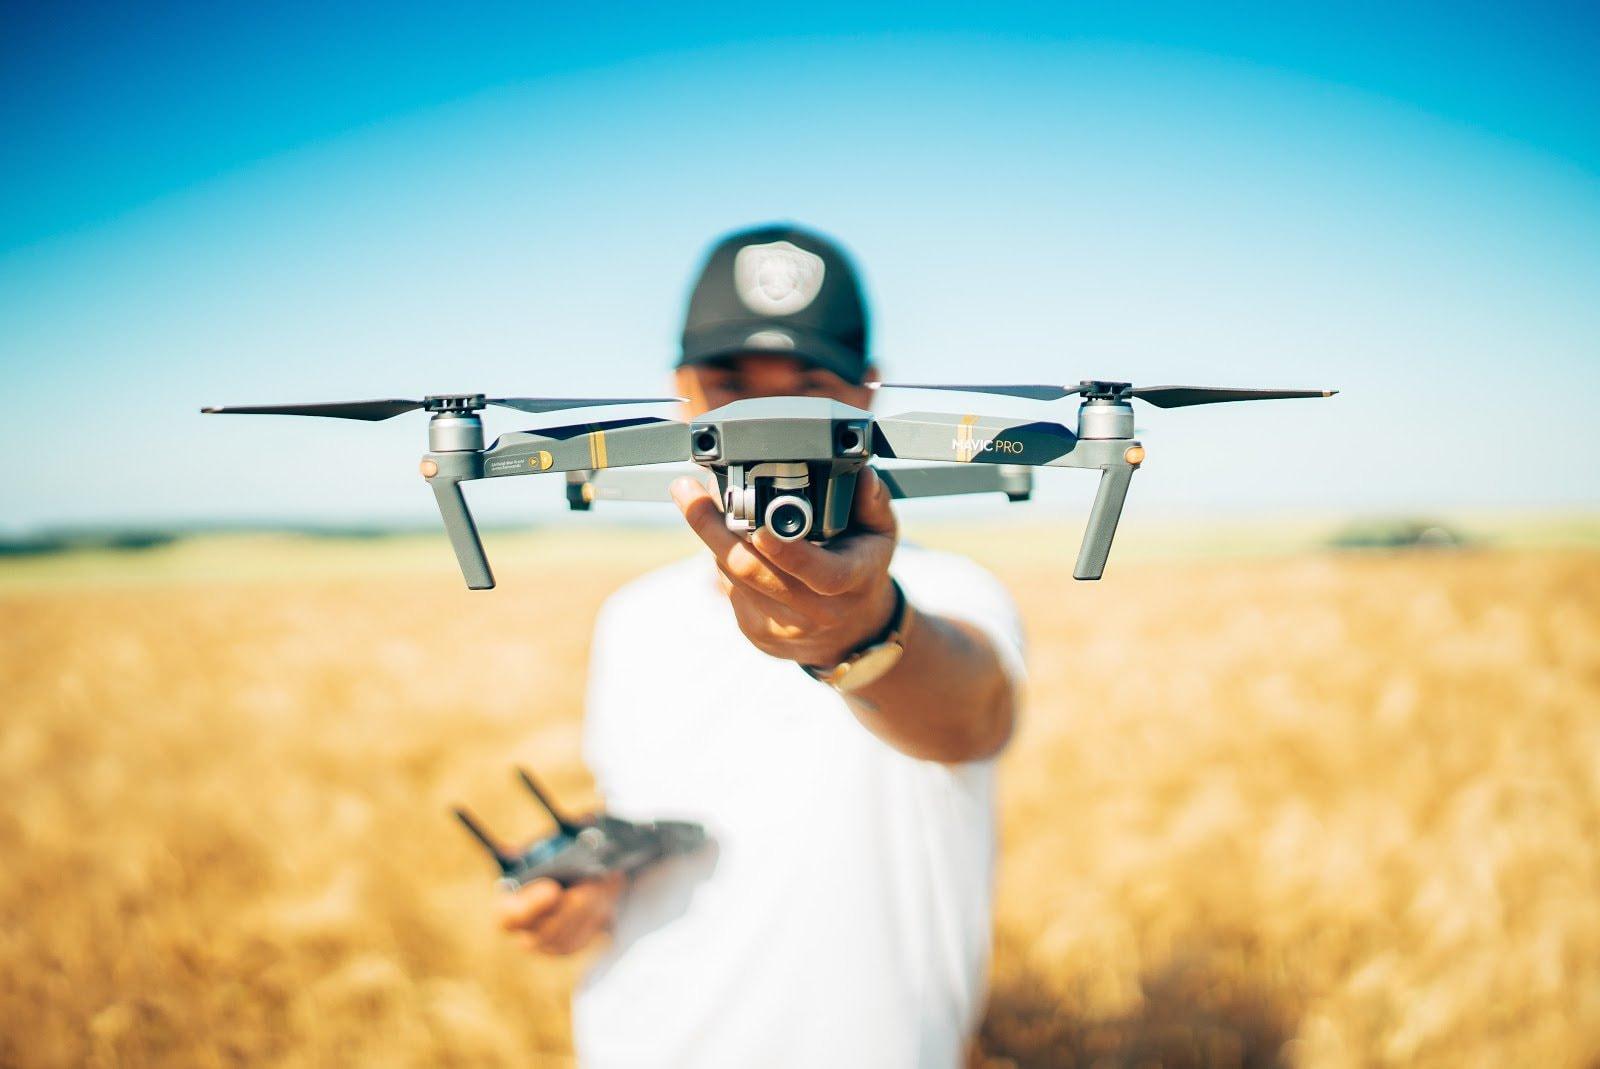 Guía para iniciarse en la fotografía con drones Mini 2 DJI